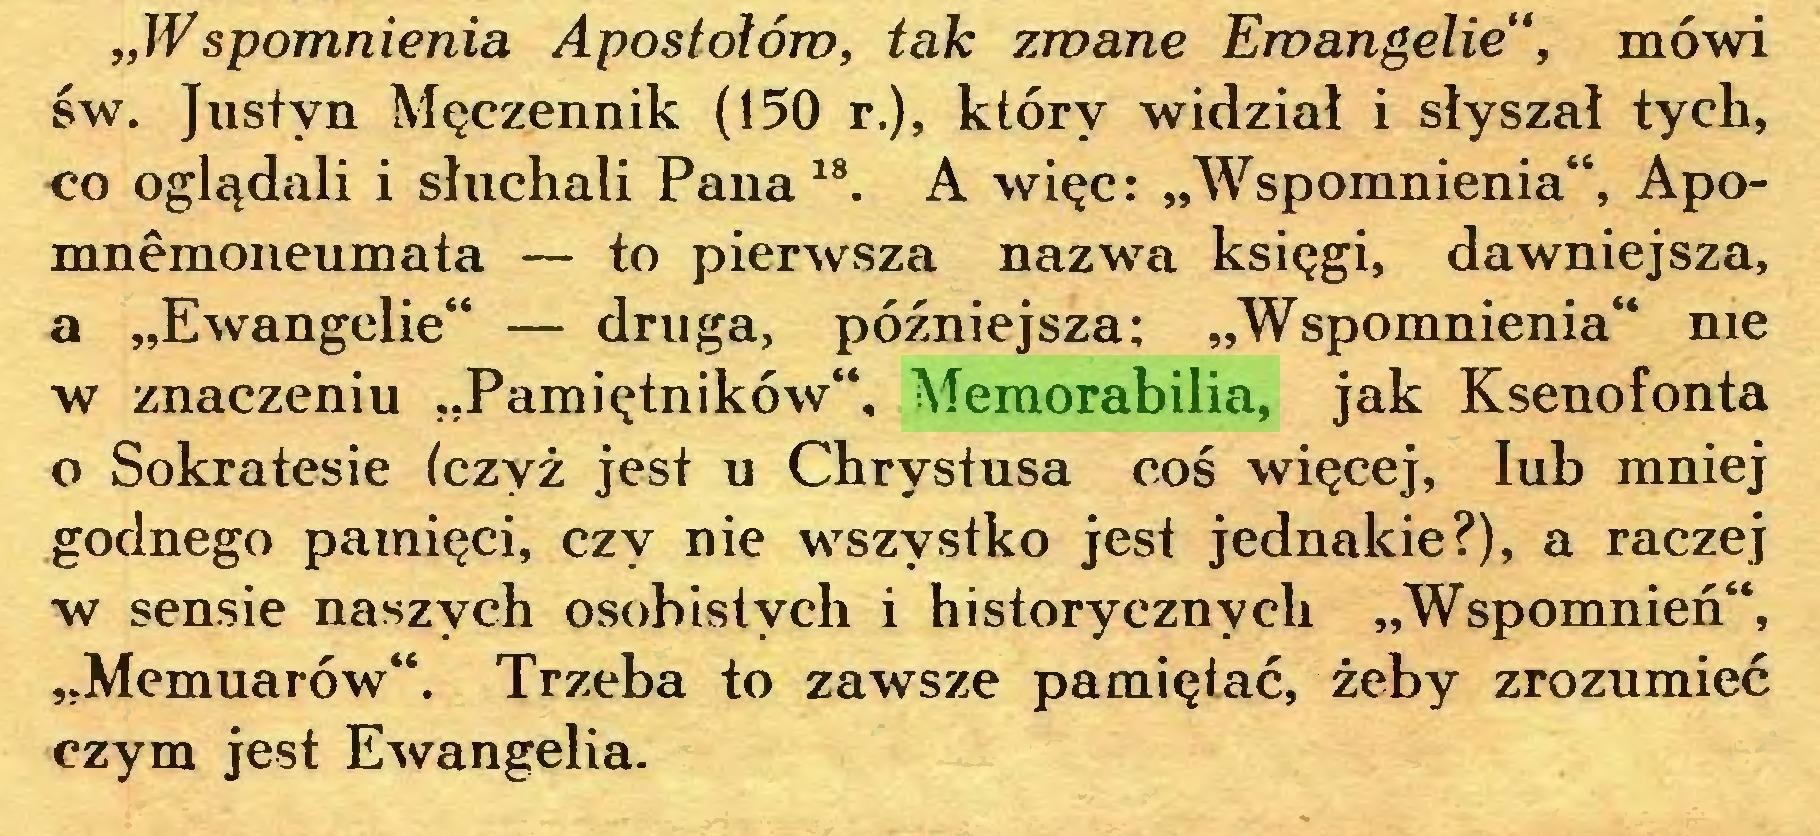 """(...) """"Wspomnienia Apostołom, tak zwane Ewangelie"""", mówi św. Justyn Męczennik (150 r.), który widział i słyszał tych, co oglądali i słuchali Pana18. A więc: """"Wspomnienia"""", Apomnêmoneumata — to pierwsza nazwa księgi, dawniejsza, a """"Ewangelie"""" — druga, późniejsza; """"Wspomnienia"""" me w znaczeniu """"Pamiętników"""", Memorabilia, jak Ksenofonta o Sokratesie (czyż jest u Chrystusa coś więcej, lub mniej godnego pamięci, czy nie wszystko jest jednakie?), a raczej w sensie naszych osobistych i historycznych """"Wspomnień"""", """"Memuarów"""". Trzeba to zawsze pamiętać, żeby zrozumieć czym jest Ewangelia..."""